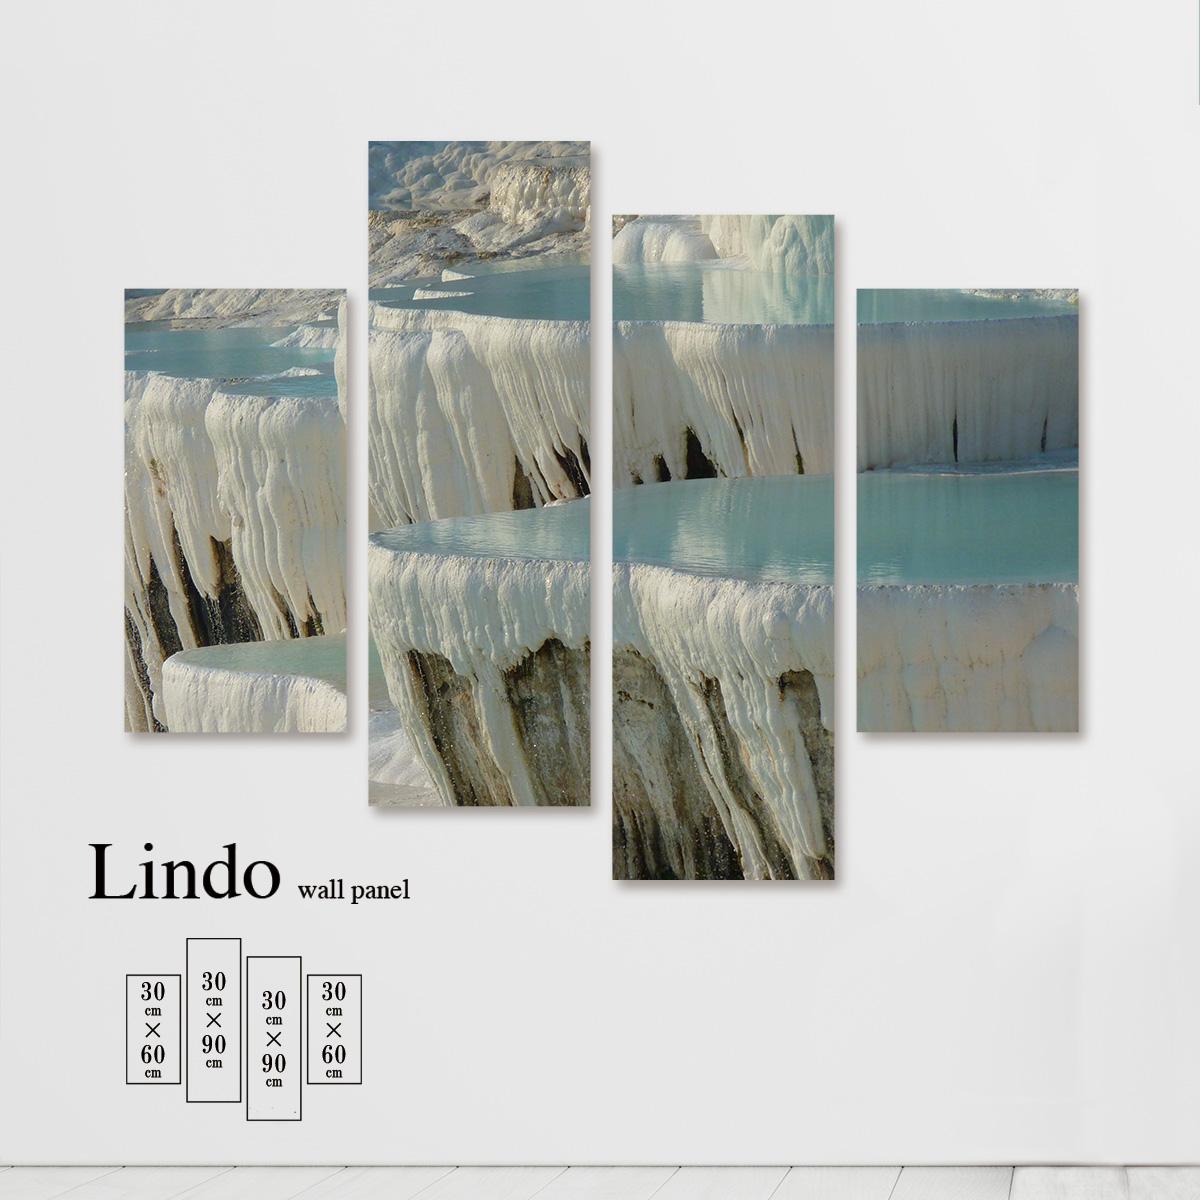 アートパネル 南極 氷 風景 自然 北極 雪 景色 水色 ホワイト 壁掛け 北欧 お洒落 デザイン ファブリック 壁飾り アートボード 4枚パネル